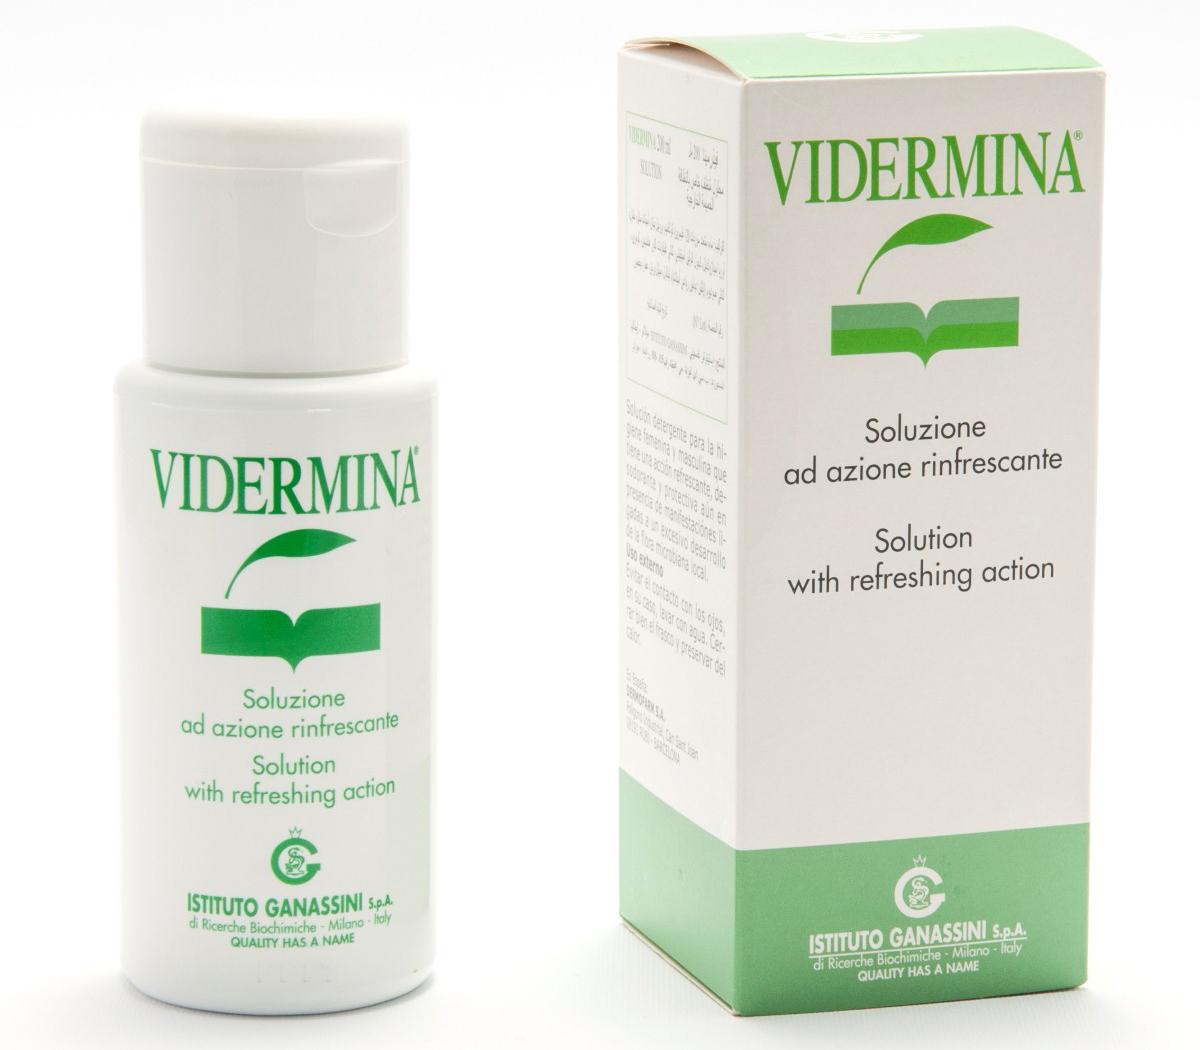 VIDERMINA® SOLUZIONE AD AZIONE RINFRESCANTE 200 ML